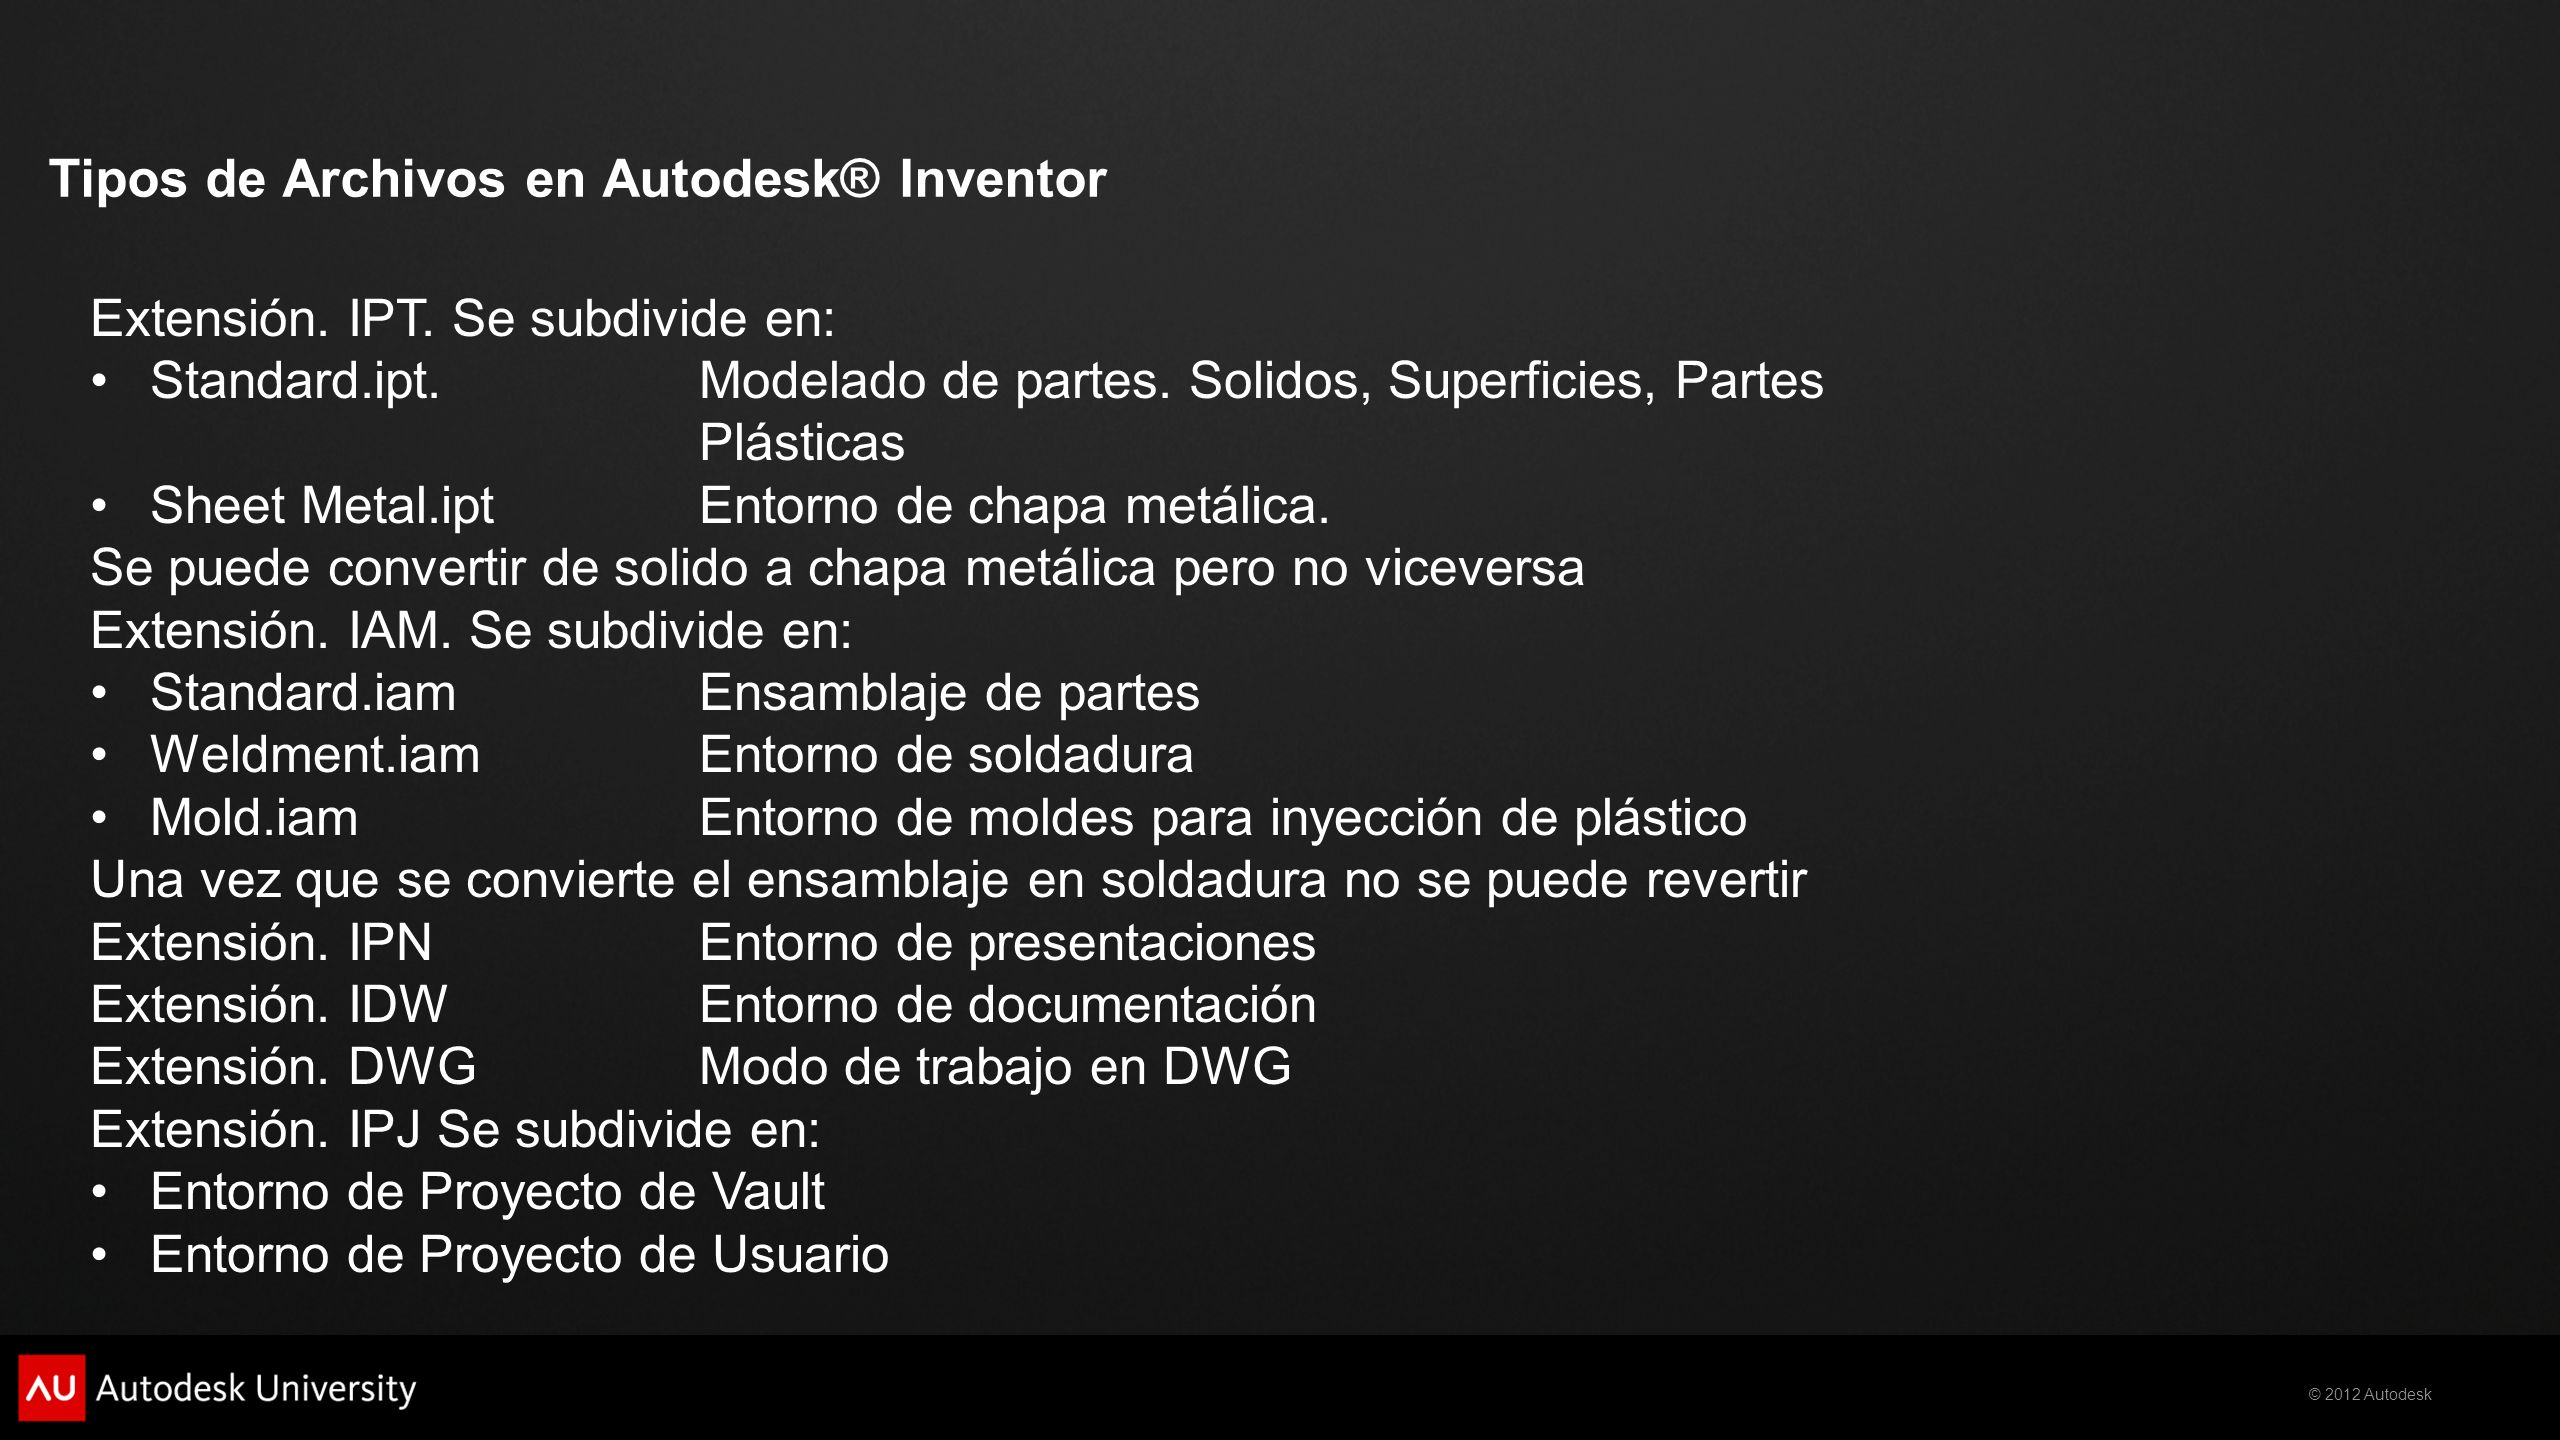 Tipos de Archivos en Autodesk® Inventor